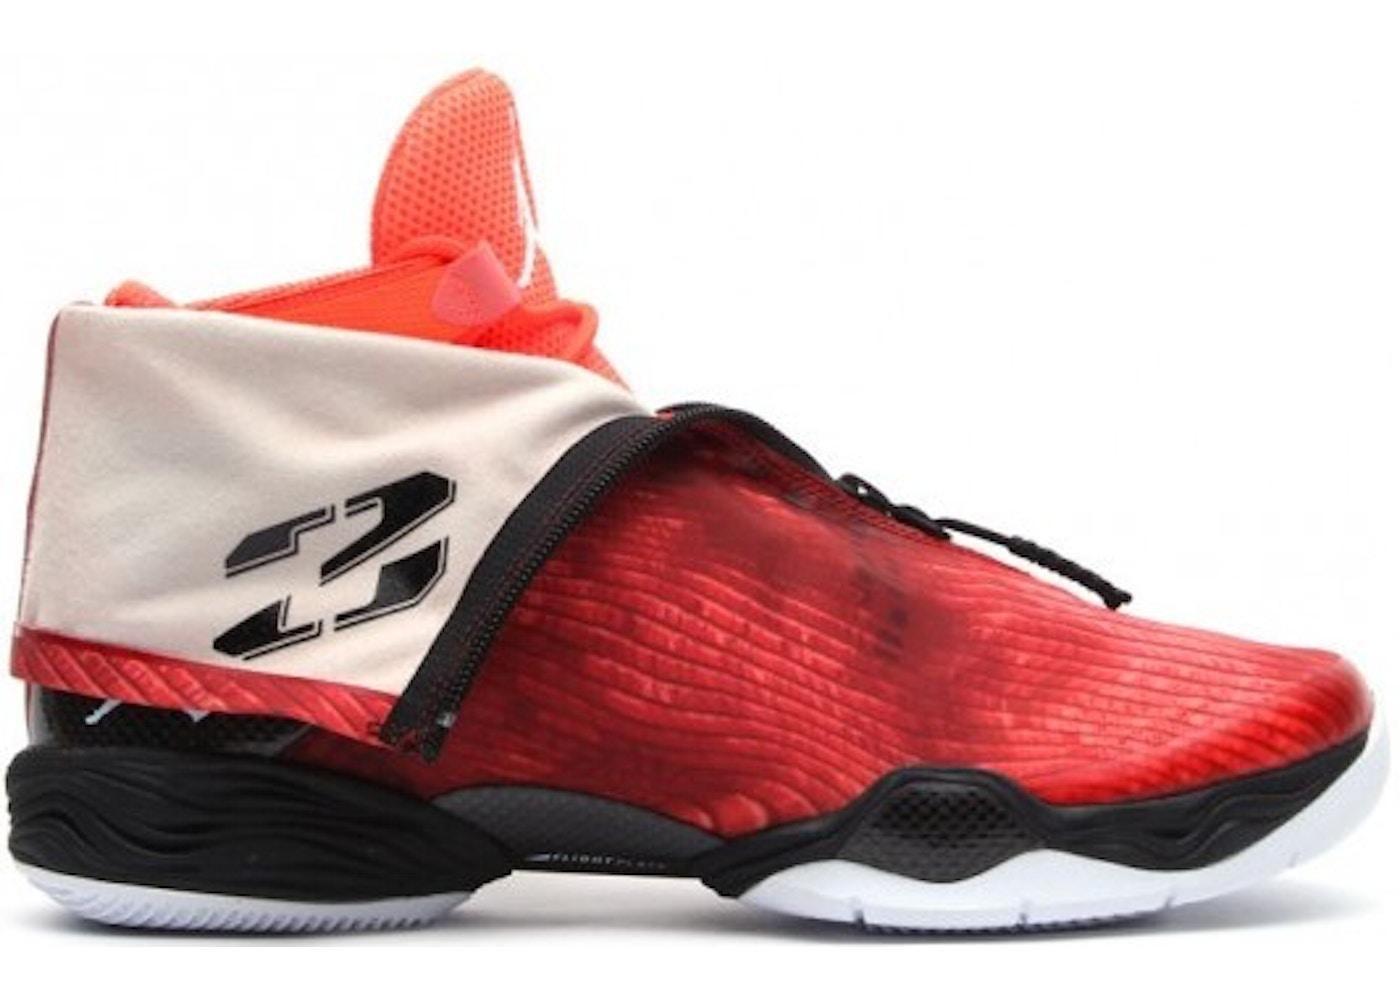 hot sales 9453c 620e1 Jordan XX8 Red Camo